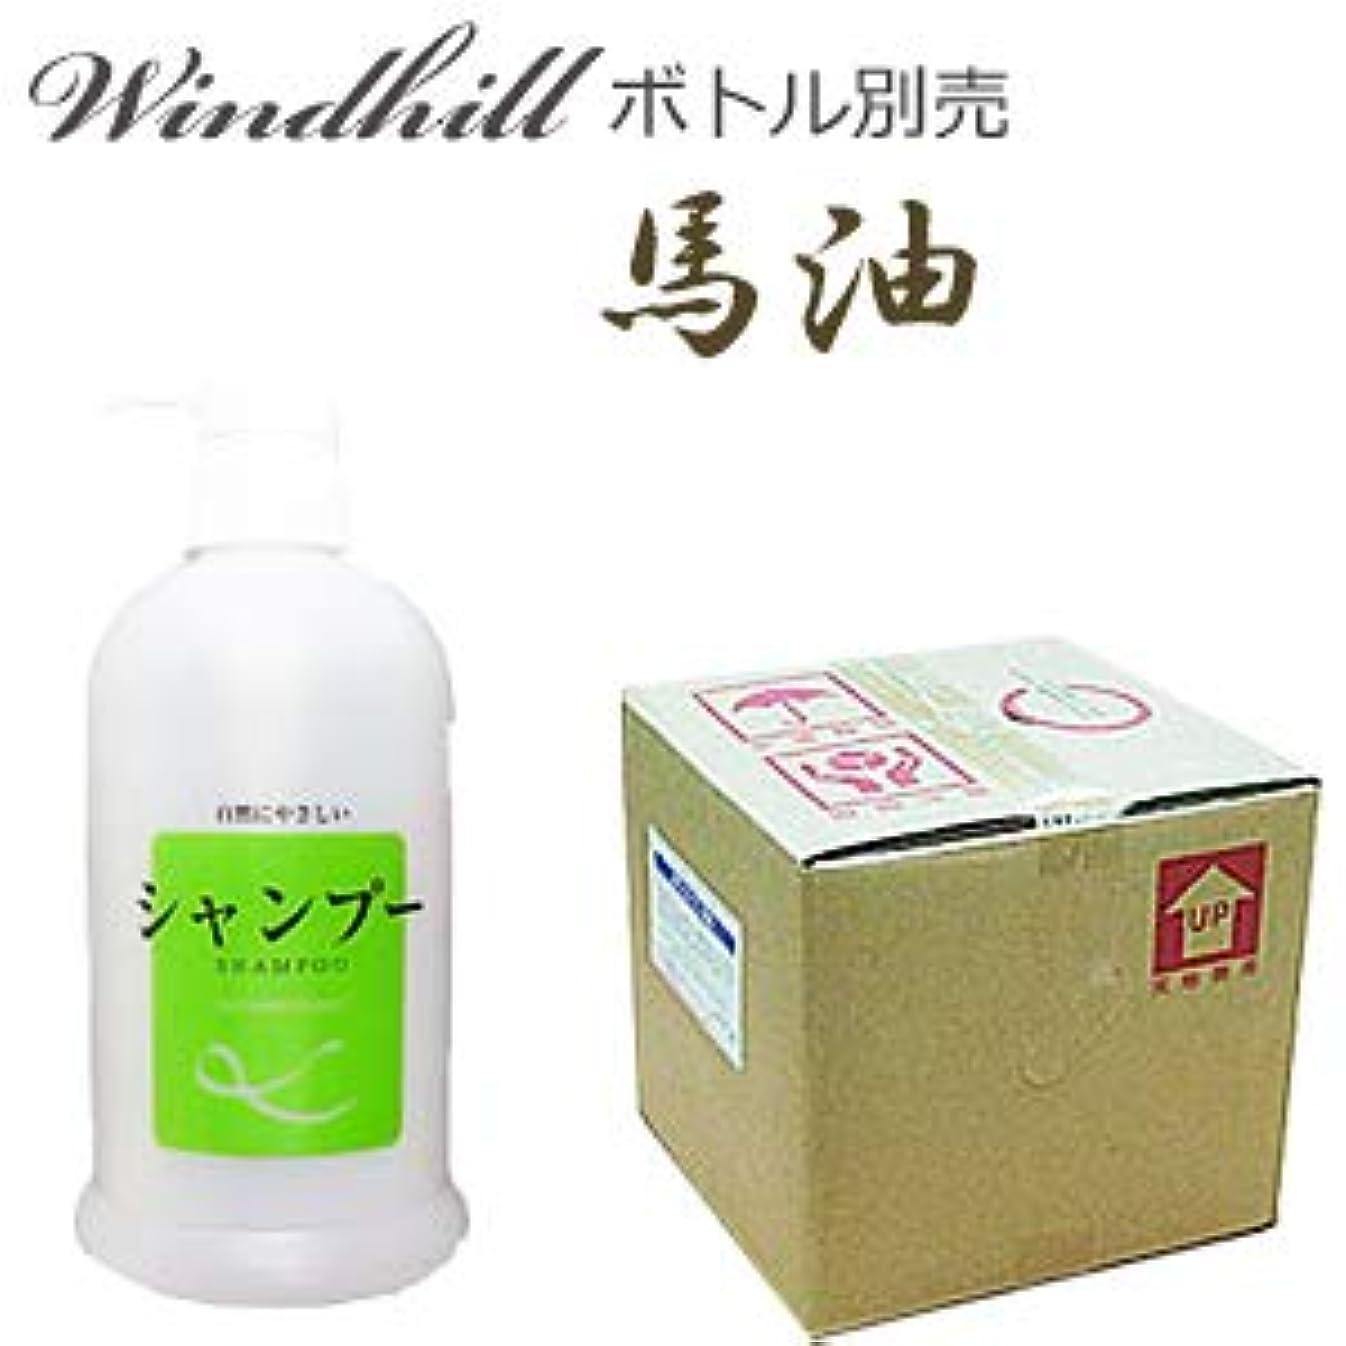 大通り放棄する指定なんと! 500ml当り190円 Windhill 馬油 業務用 シャンプー フローラルの香り 20L